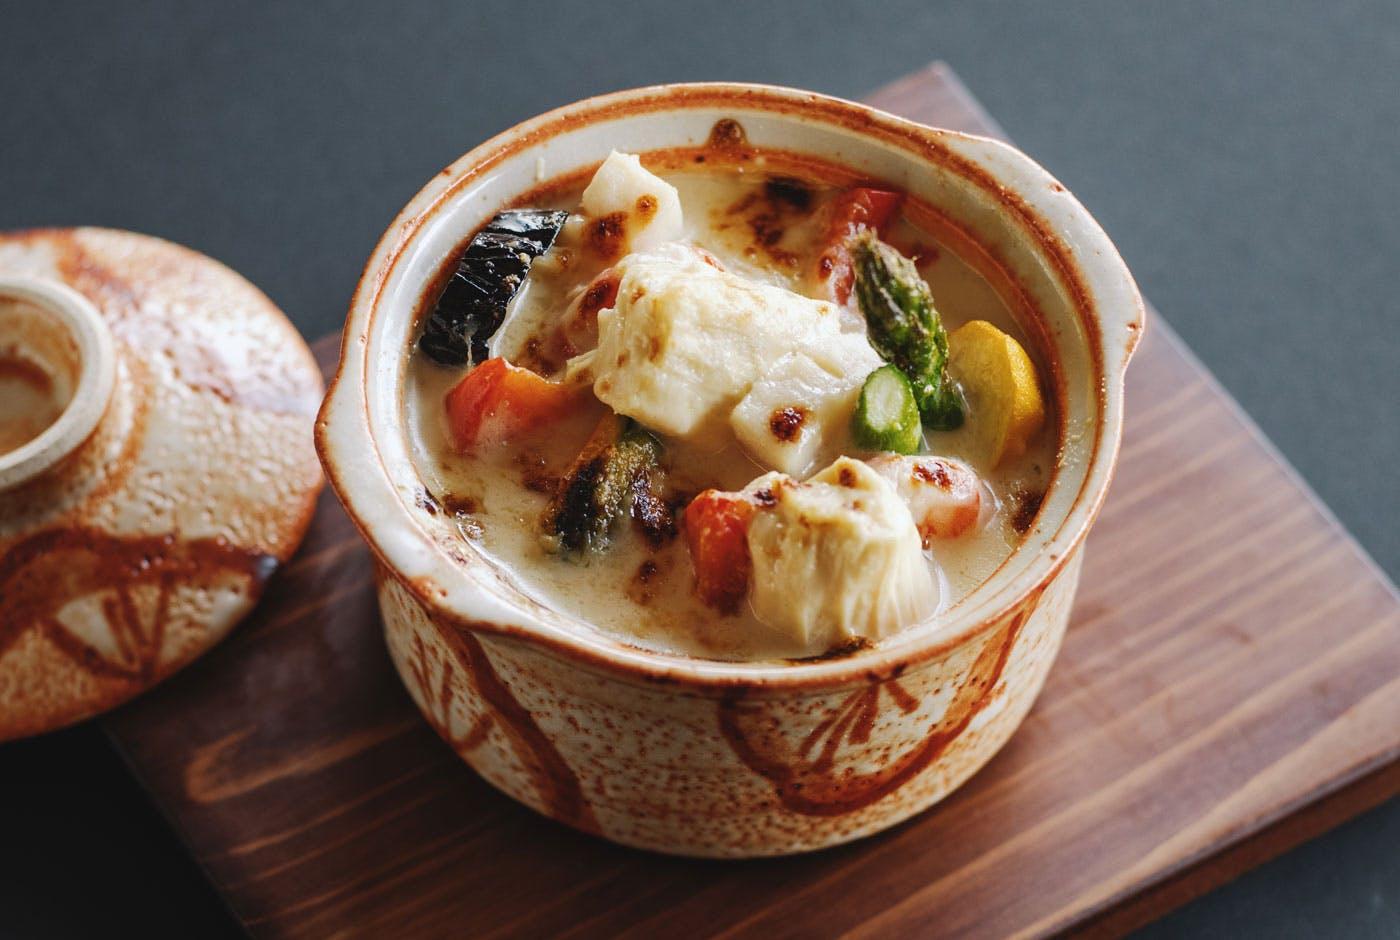 鬼怒川金谷ホテル 夏野菜の海鮮グラタン